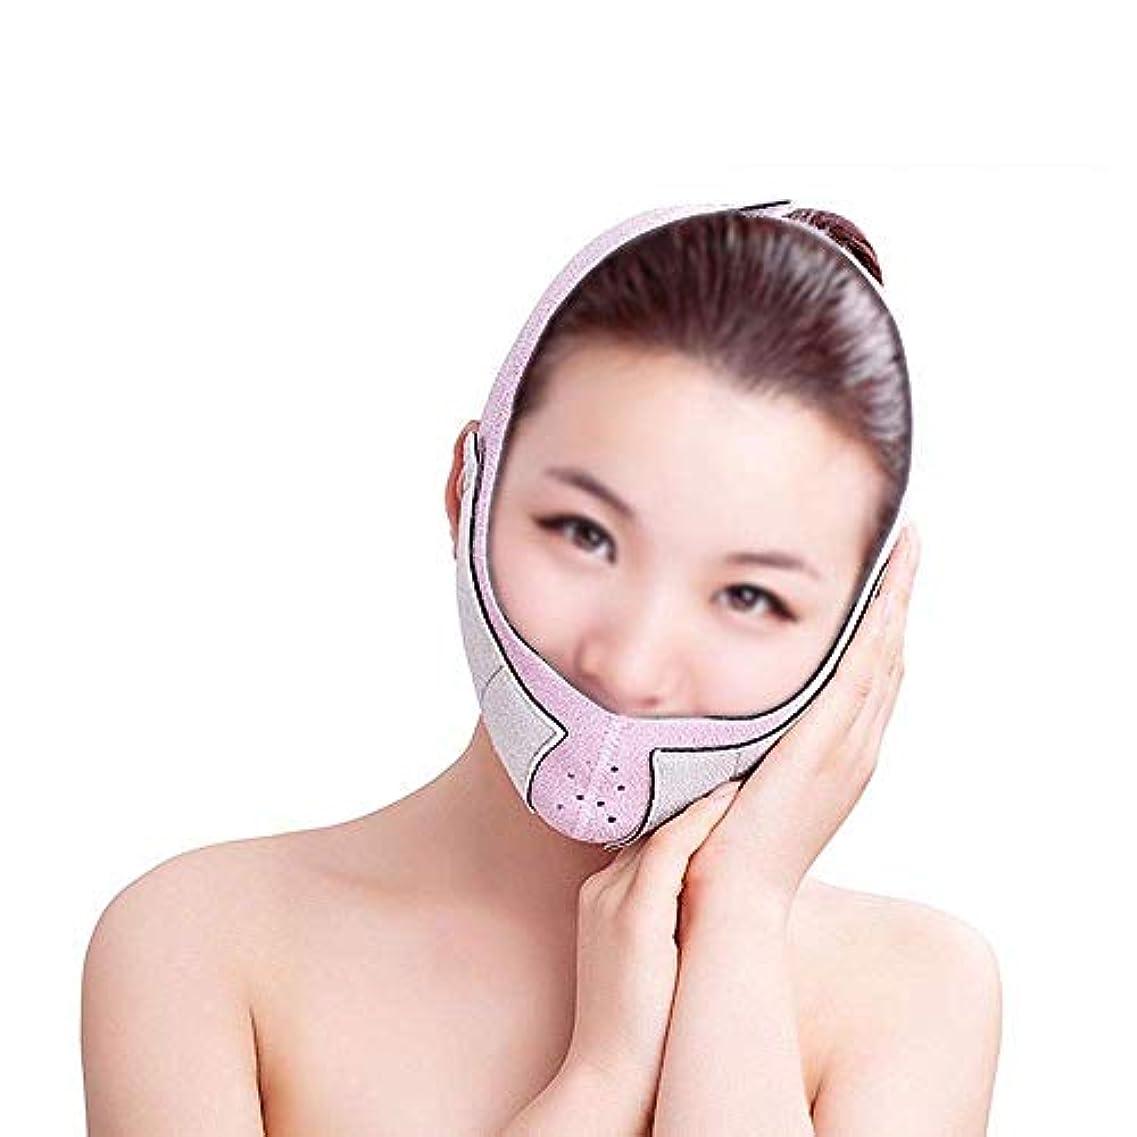 放置素晴らしいバーベキューフェイスリフトマスク、スリミングベルト薄いフェイスマスク強力なリフティング小さなV顔薄い顔包帯美容顔リフティングデバイス